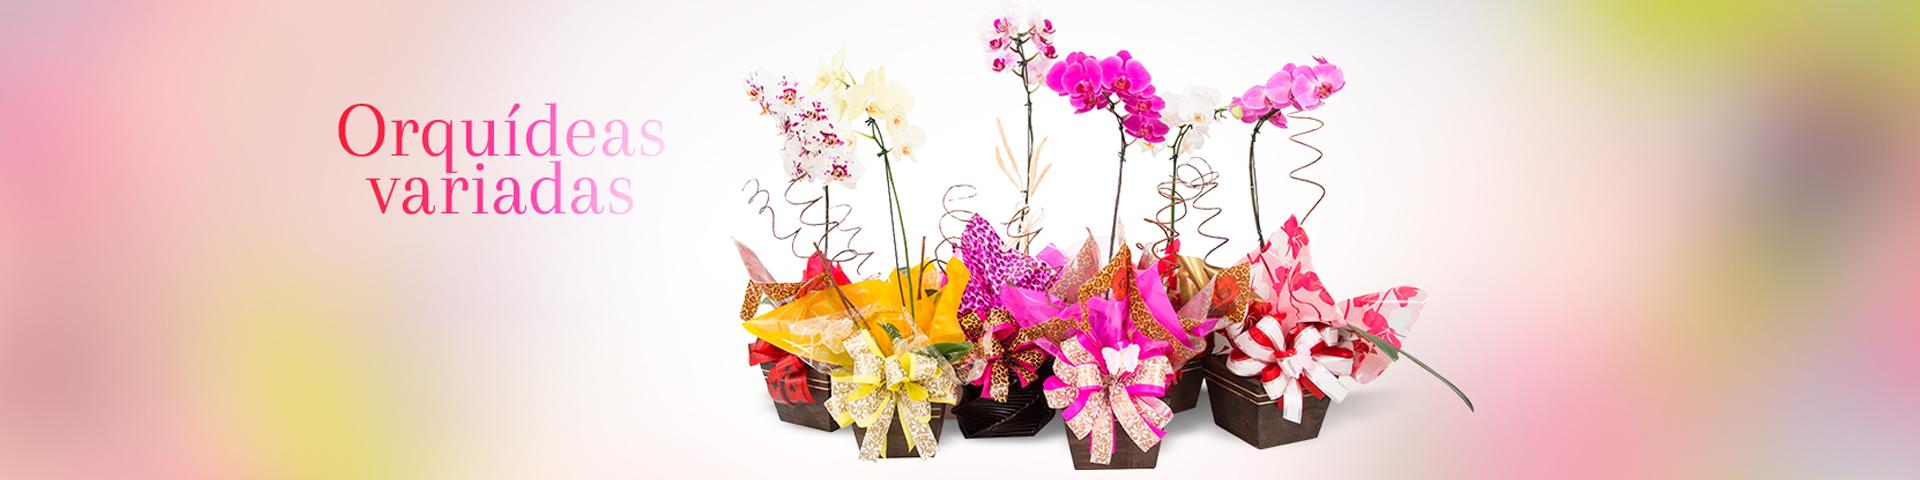 Topo Orquideas variadas